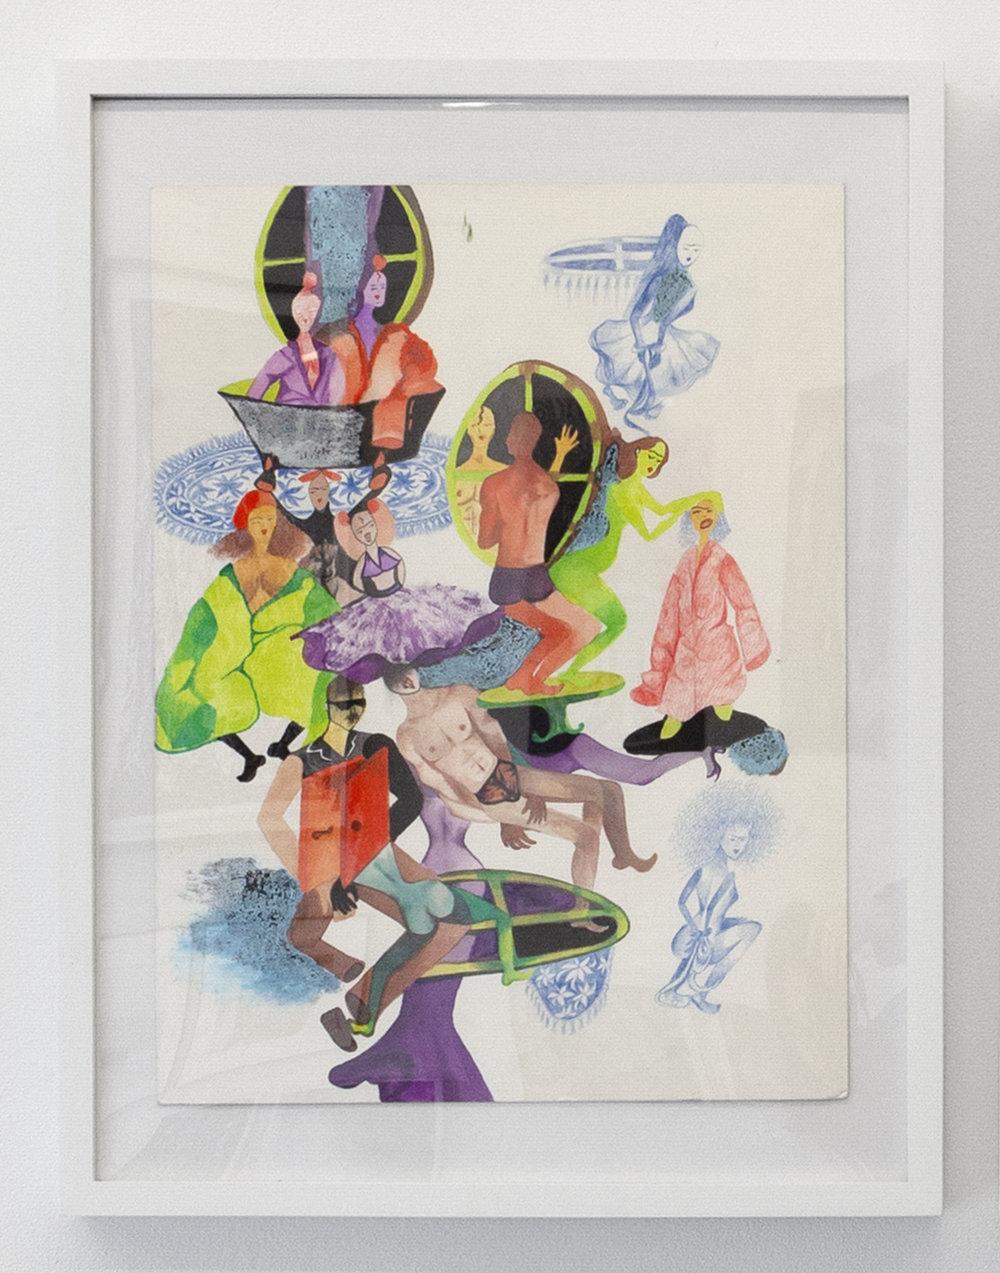 Sadaf H Nava, La Fatigue D'Etre Soi, 2019. watercolor, oil stick, and pencil on archival board